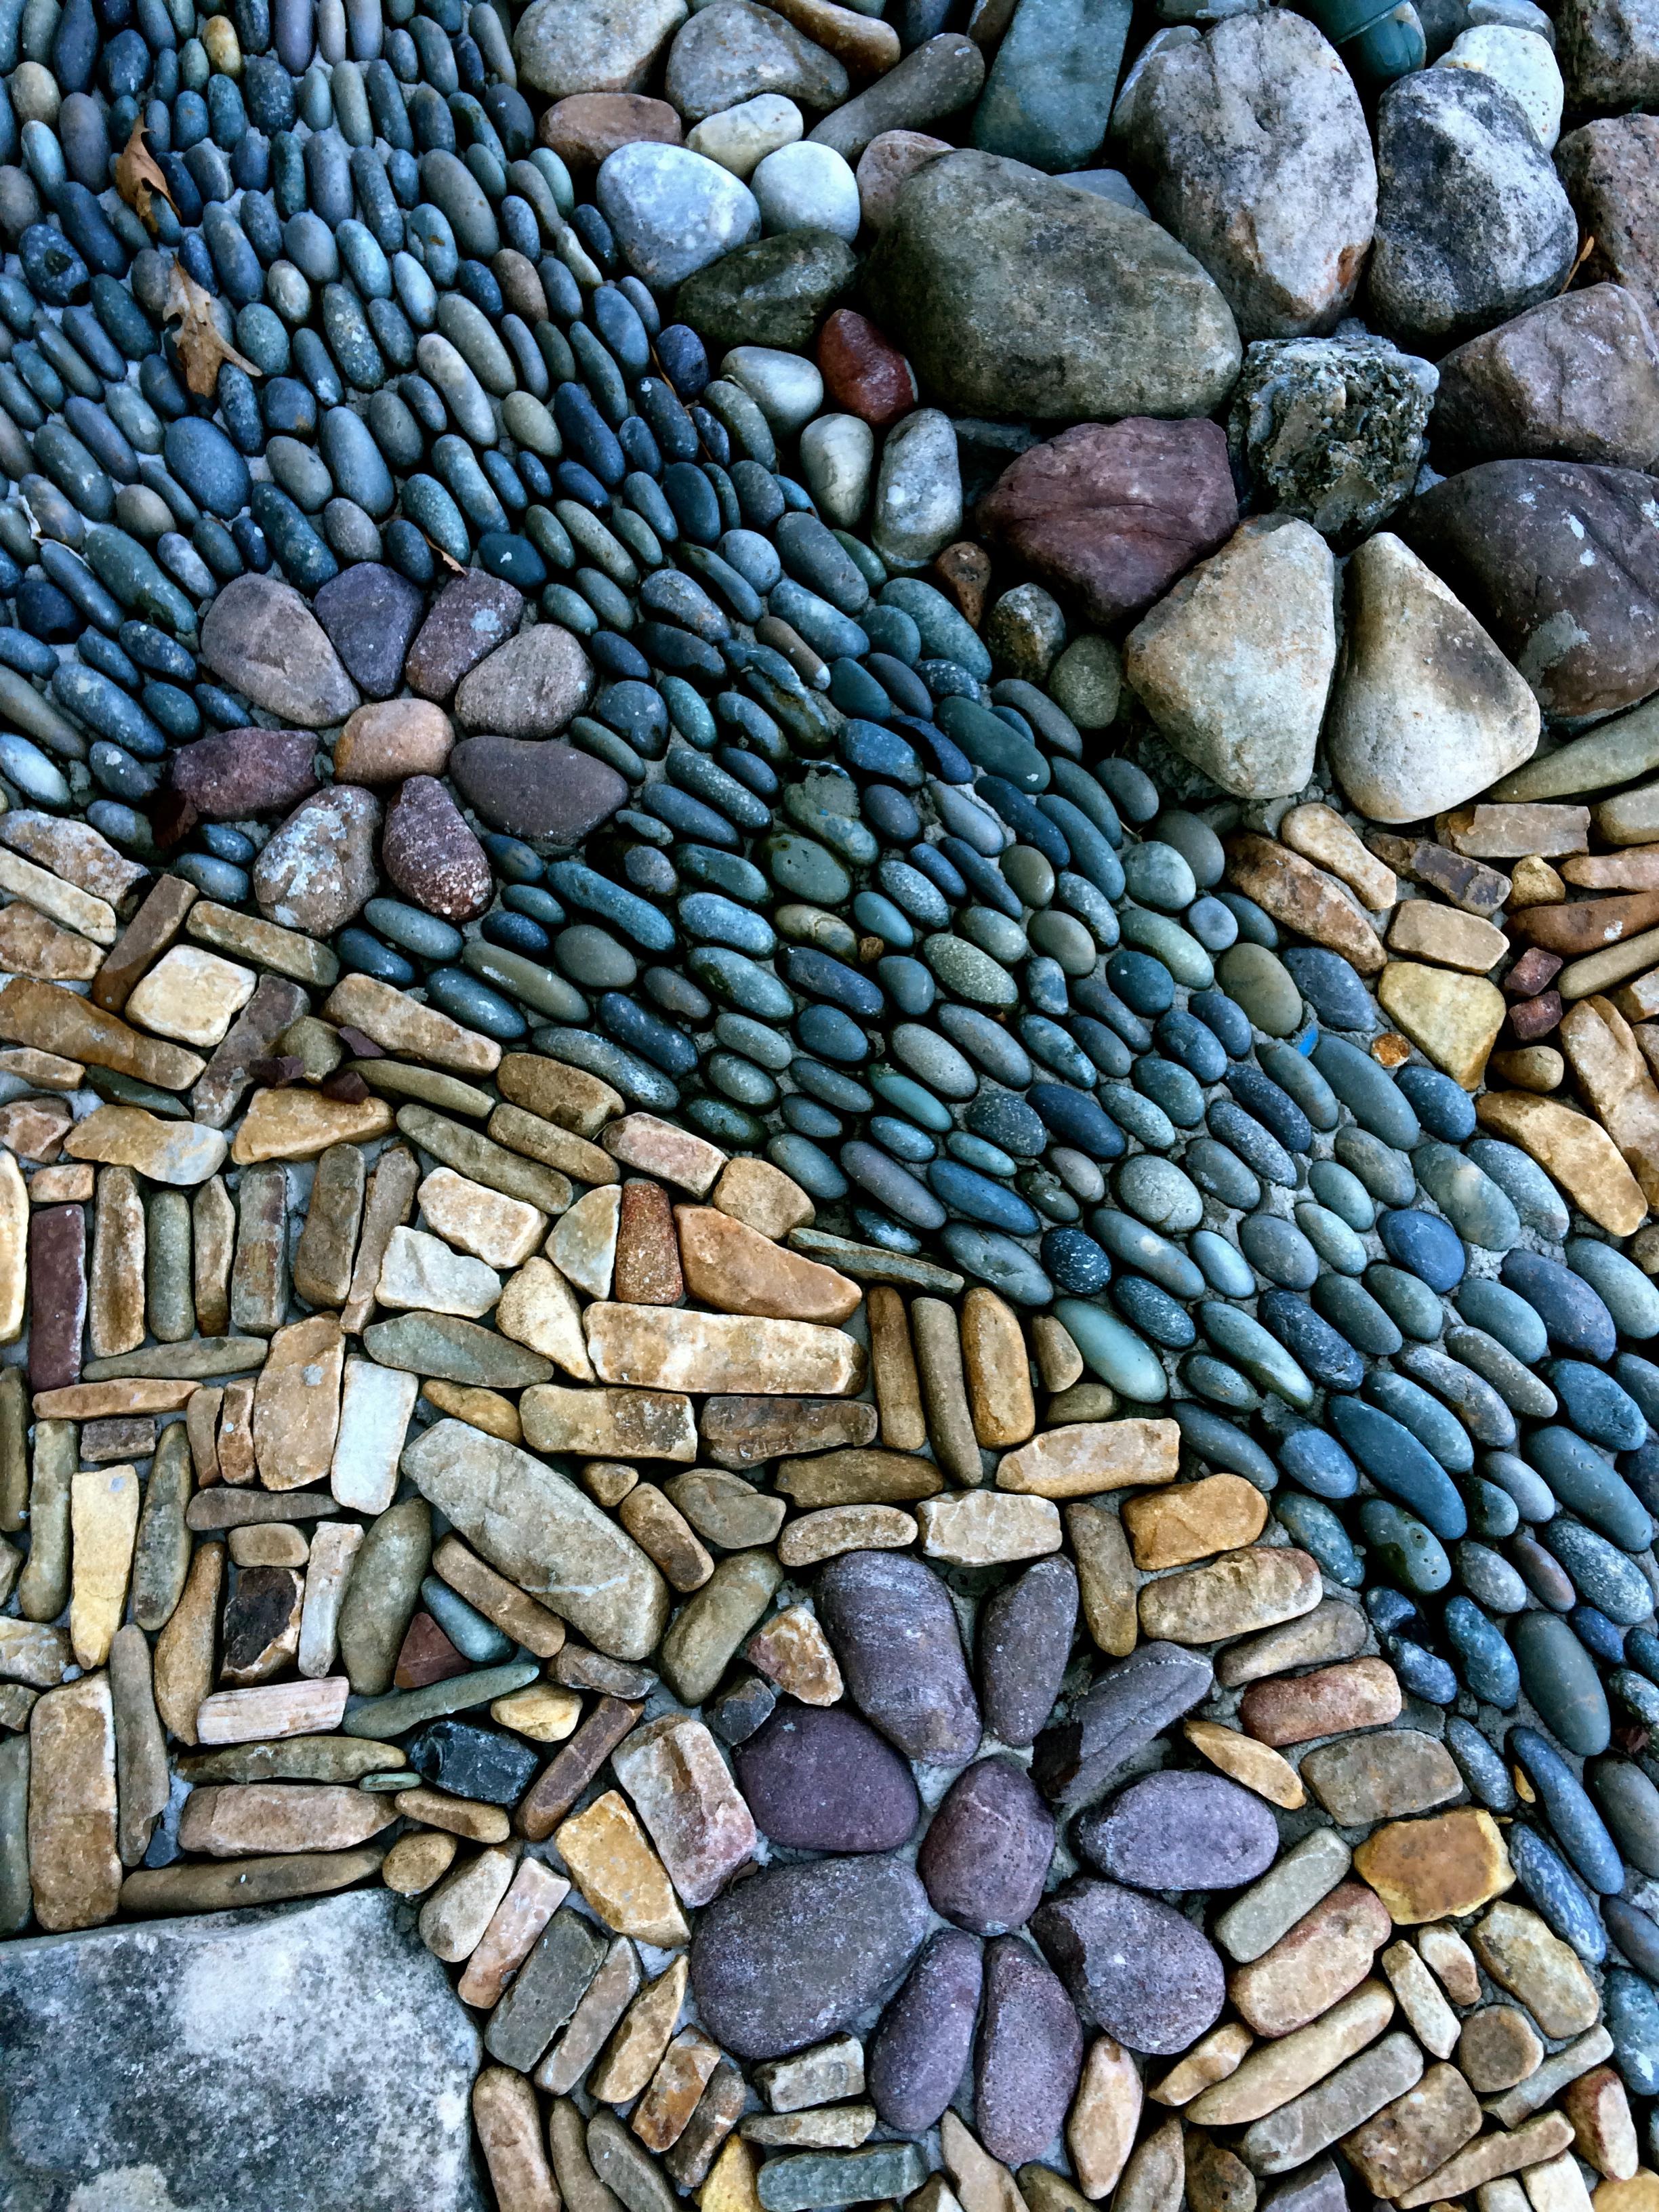 Pebble display